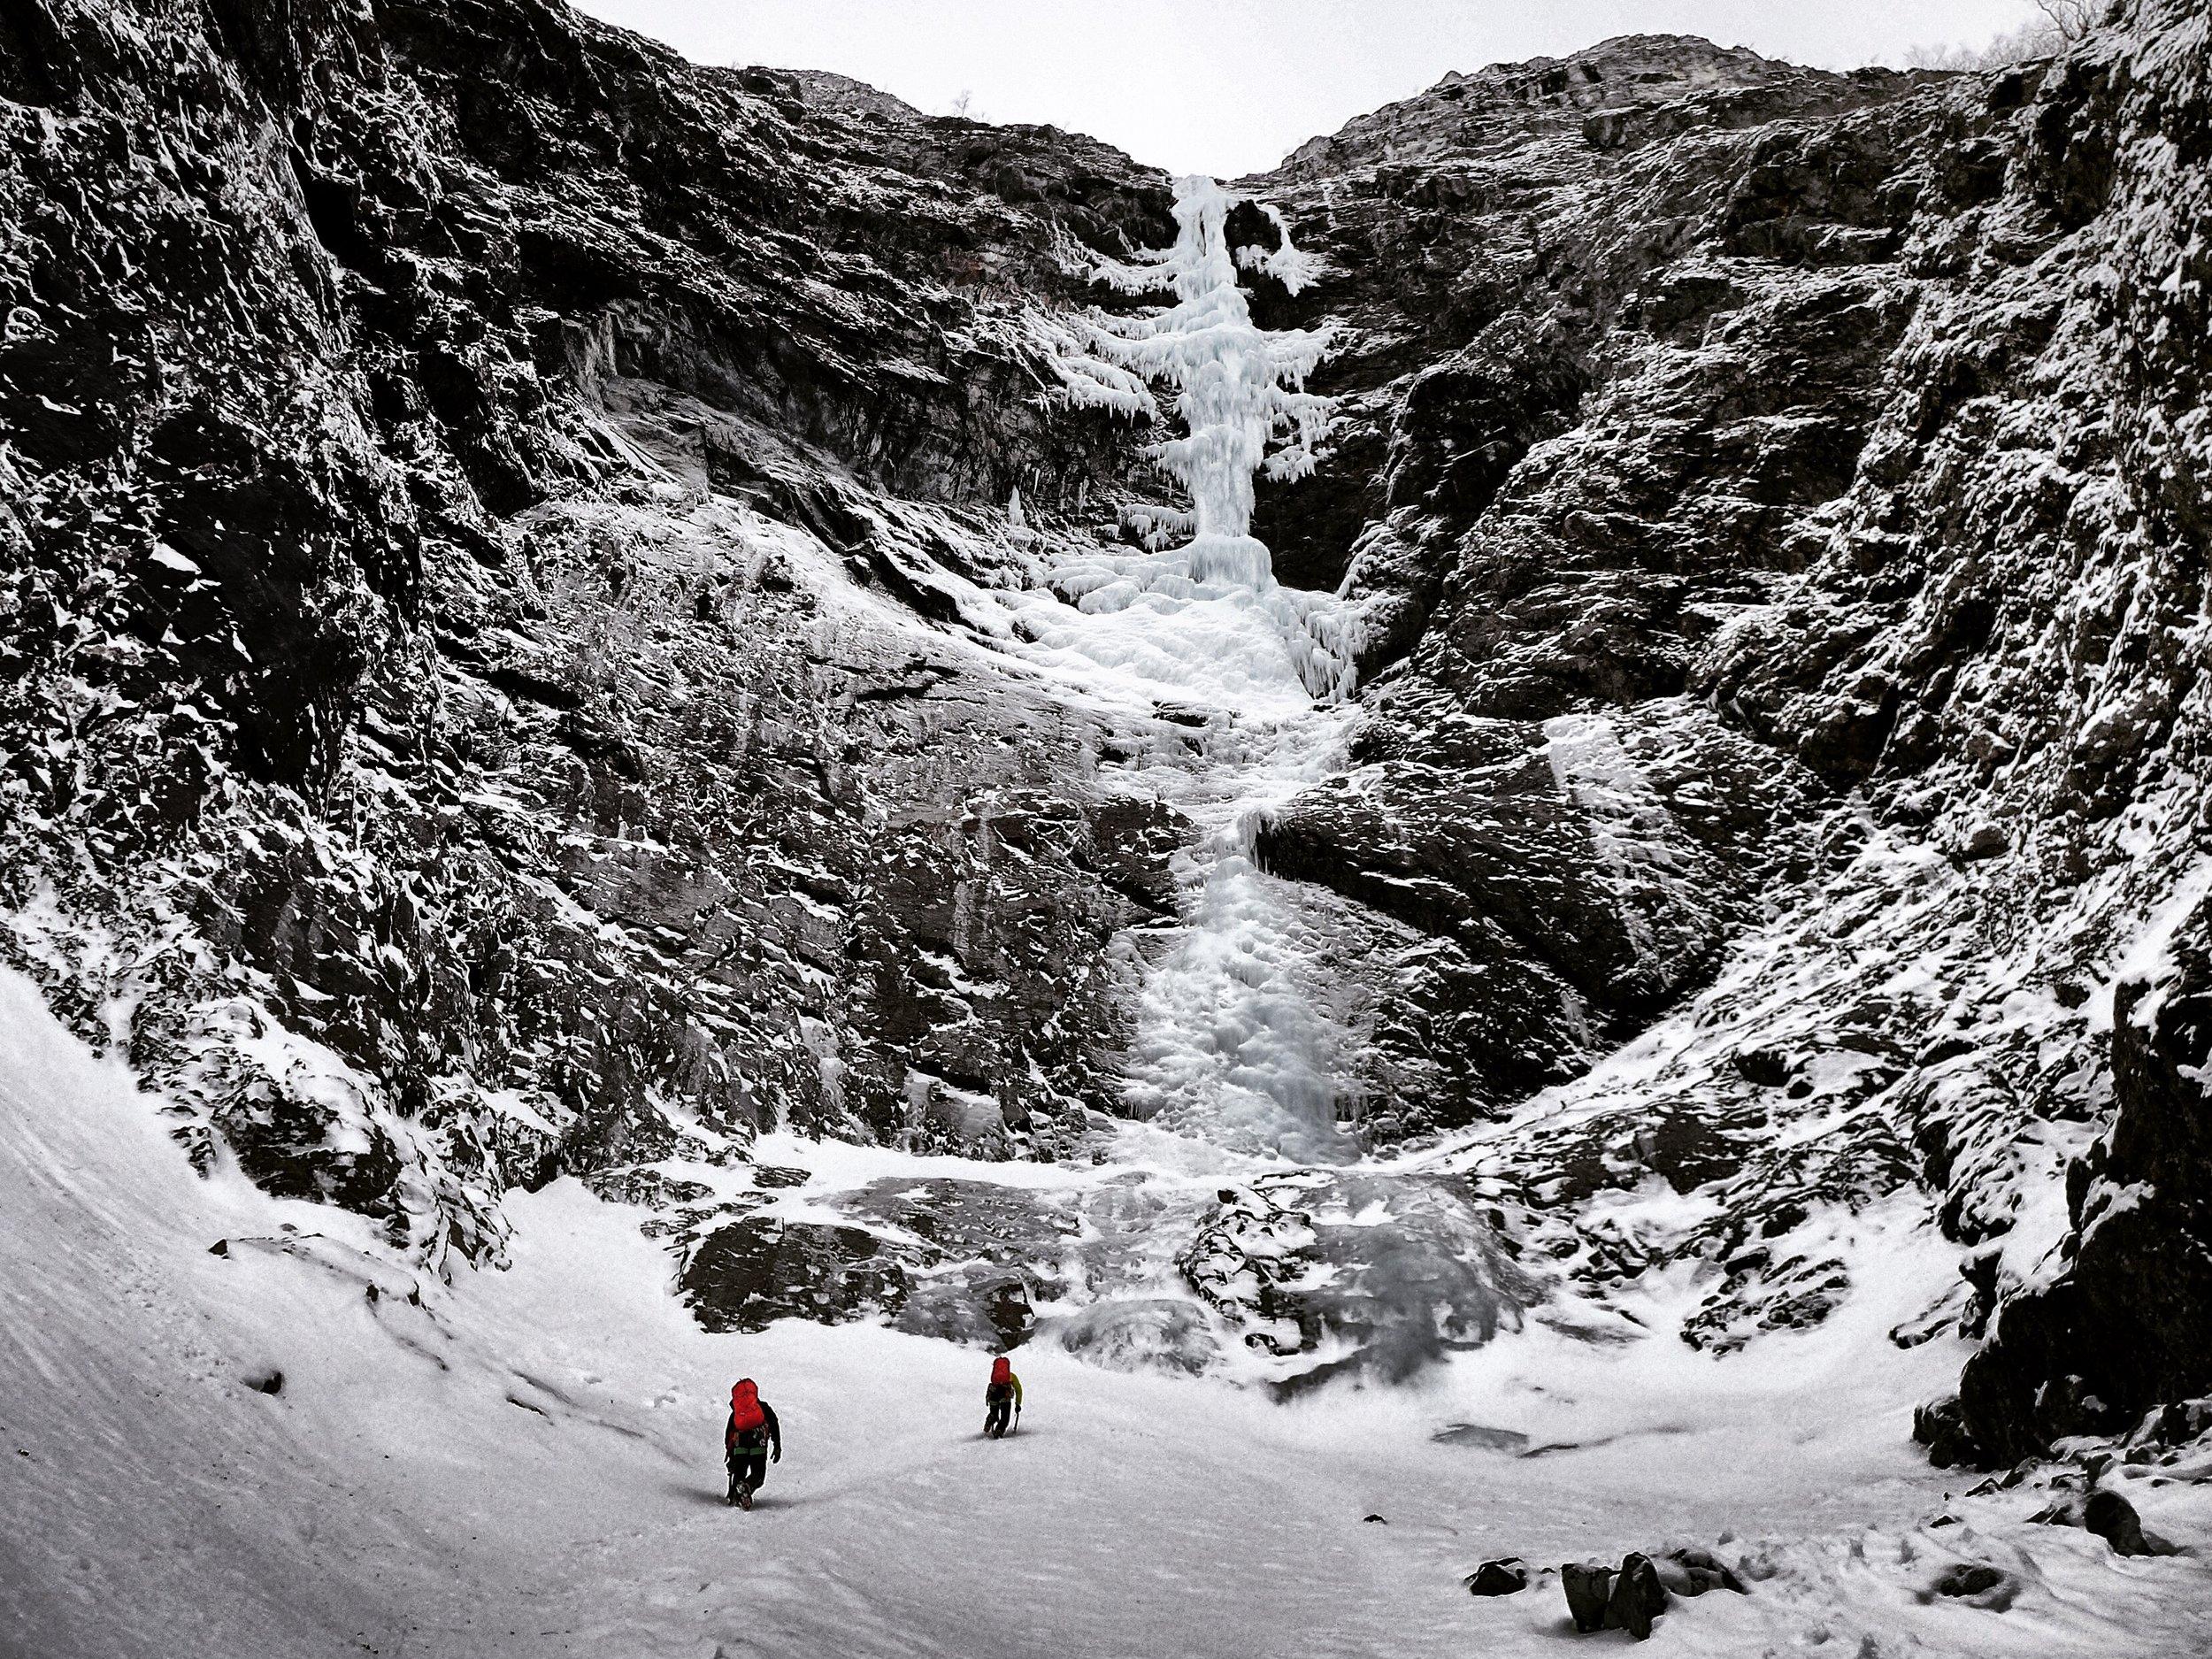 Tanja and Heike Schmitt approaching Svartberg Fall, Gudvangen, Norway - picture Matthias Scherer